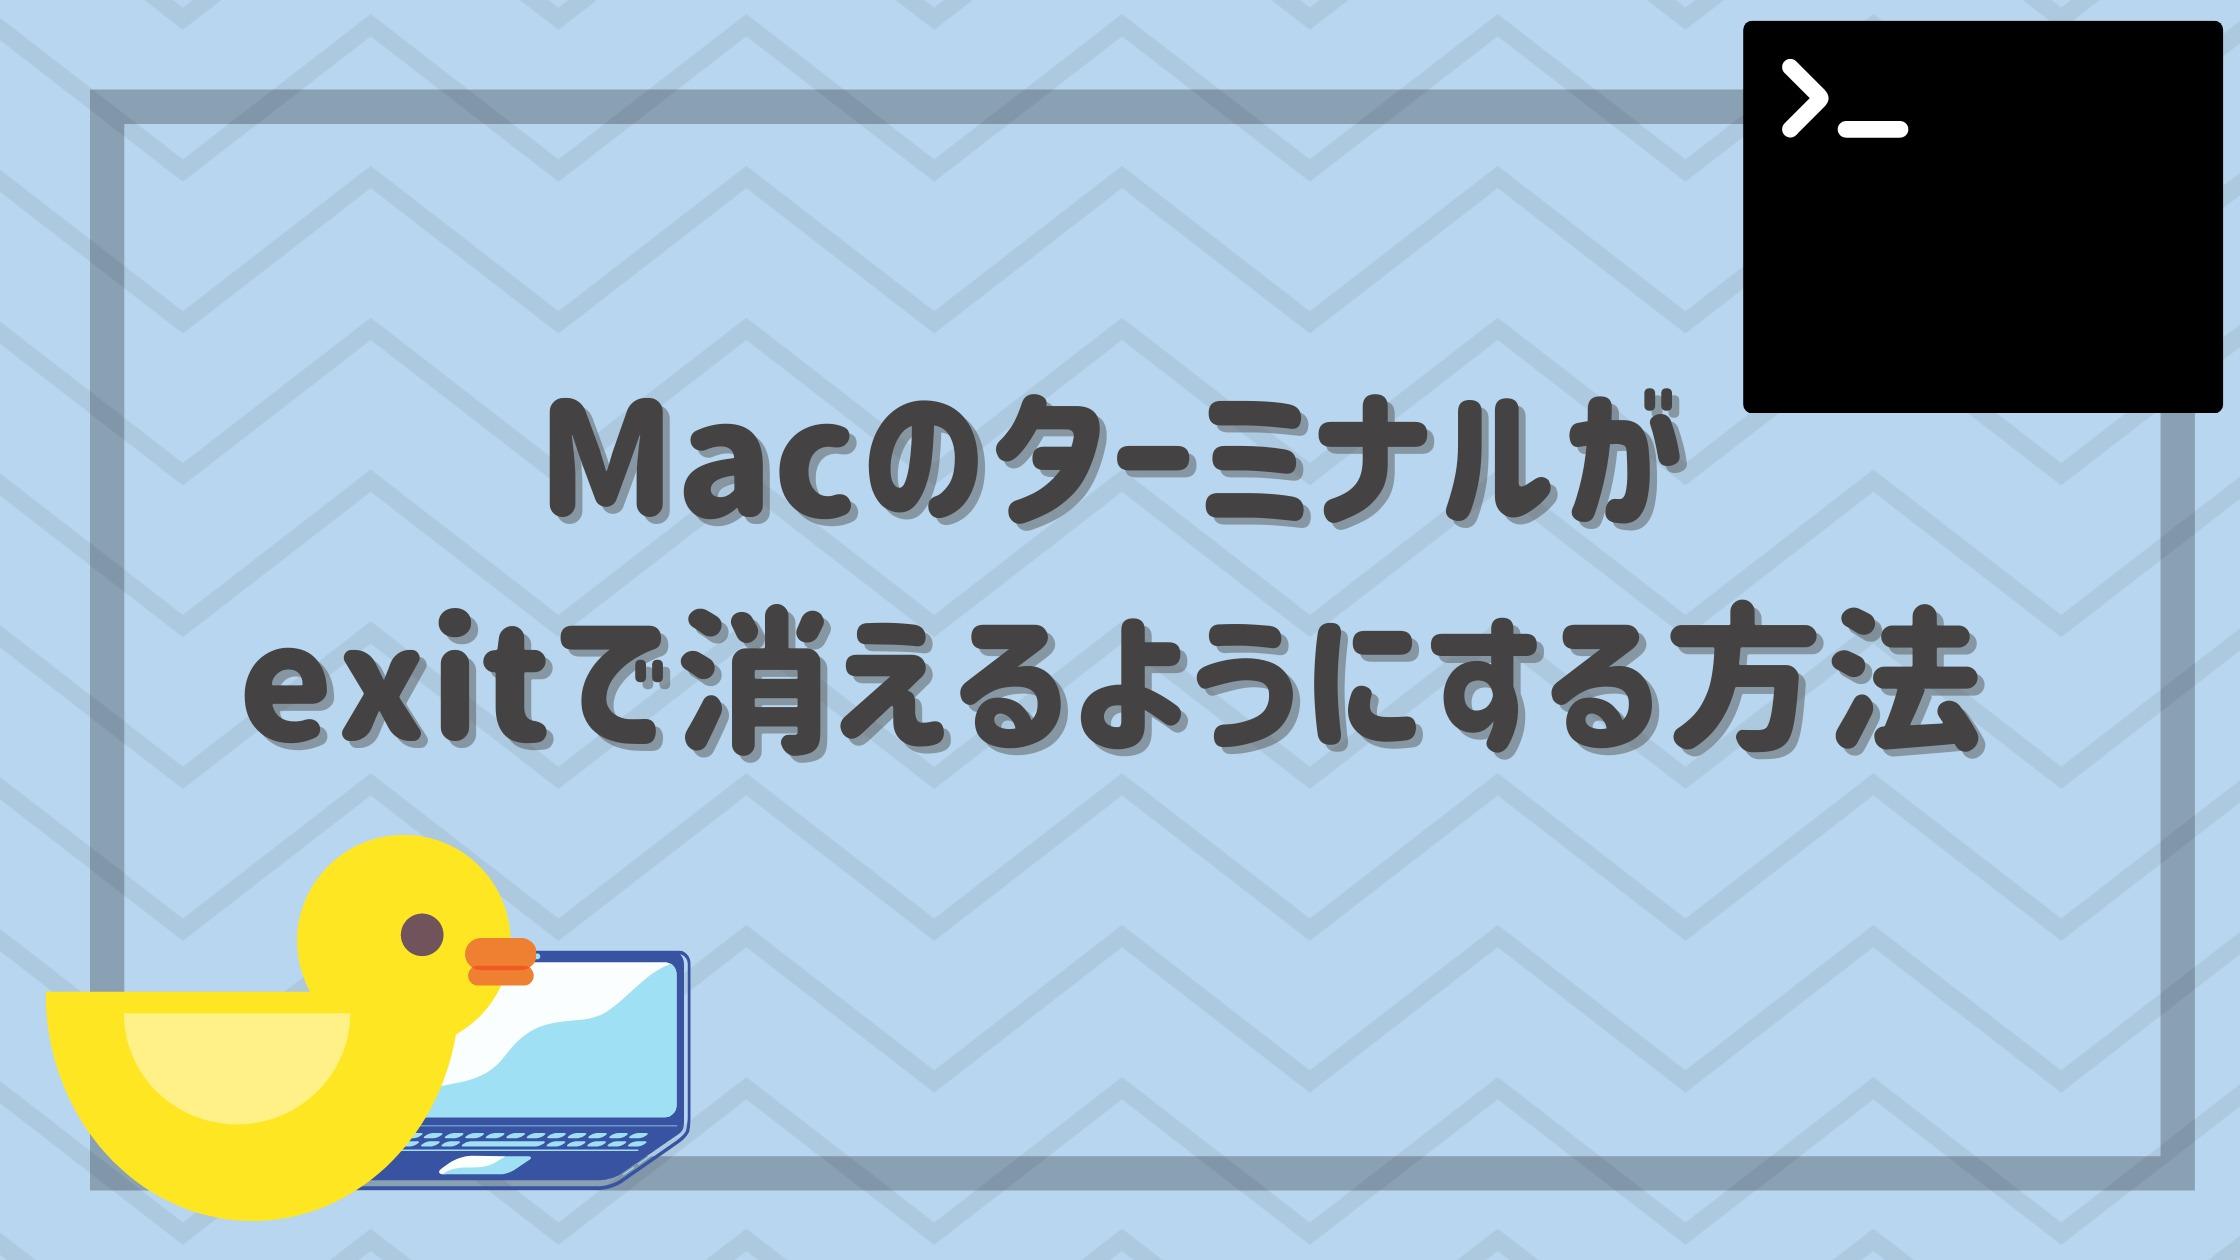 macのターミナルがexitで消える記事のアイキャッチ